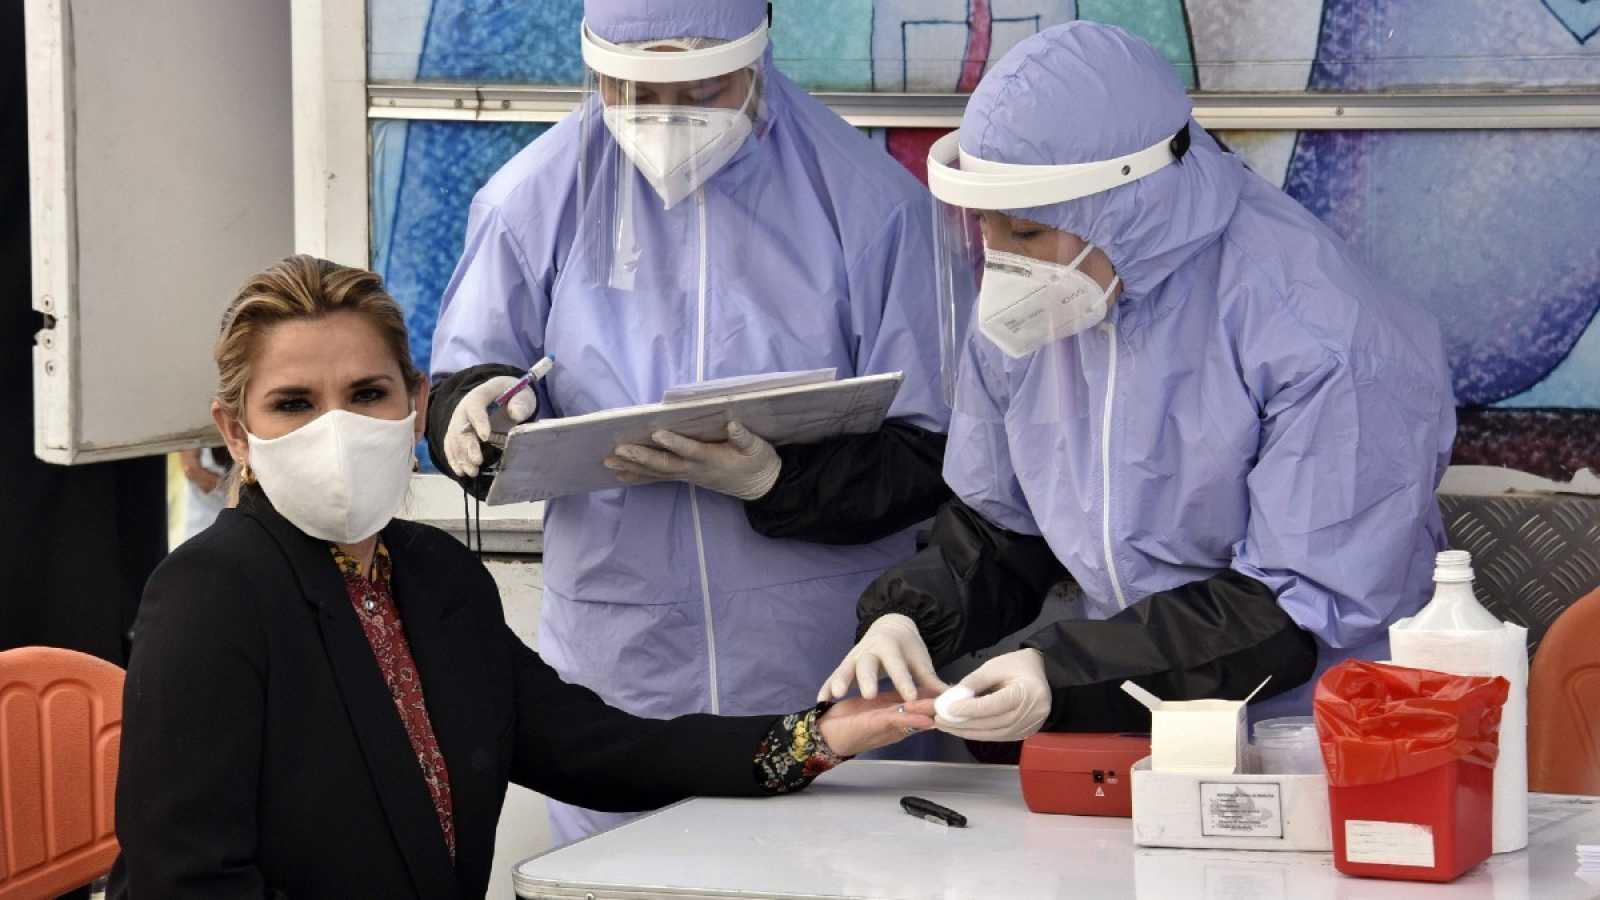 La presidenta boliviana Jeanine Anez se hace un análisis de sangre antes de donar sangre el Día del Donante de Sangre, en el palacio presidencial de La Paz durante la pandemia, en junio